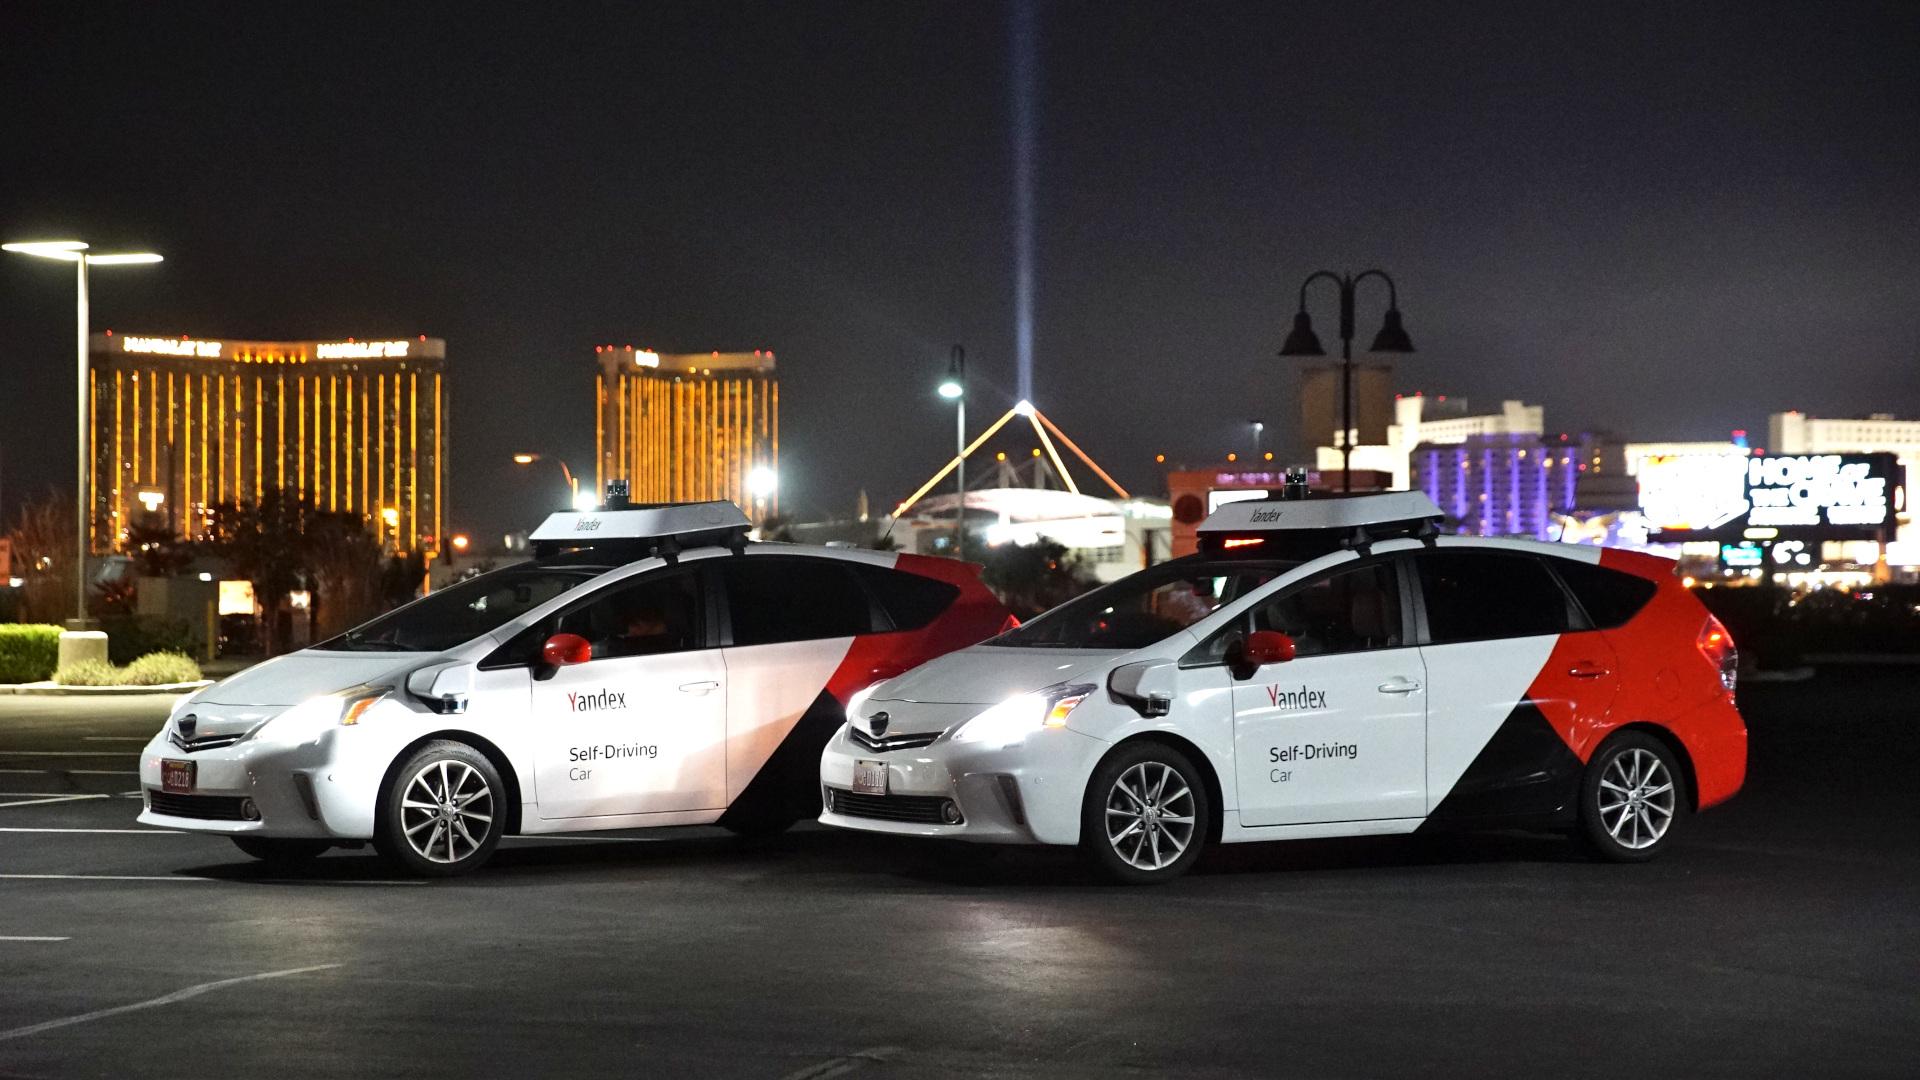 Yandex trưng bày những chiếc xe lái độc lập tại CES 2020 3